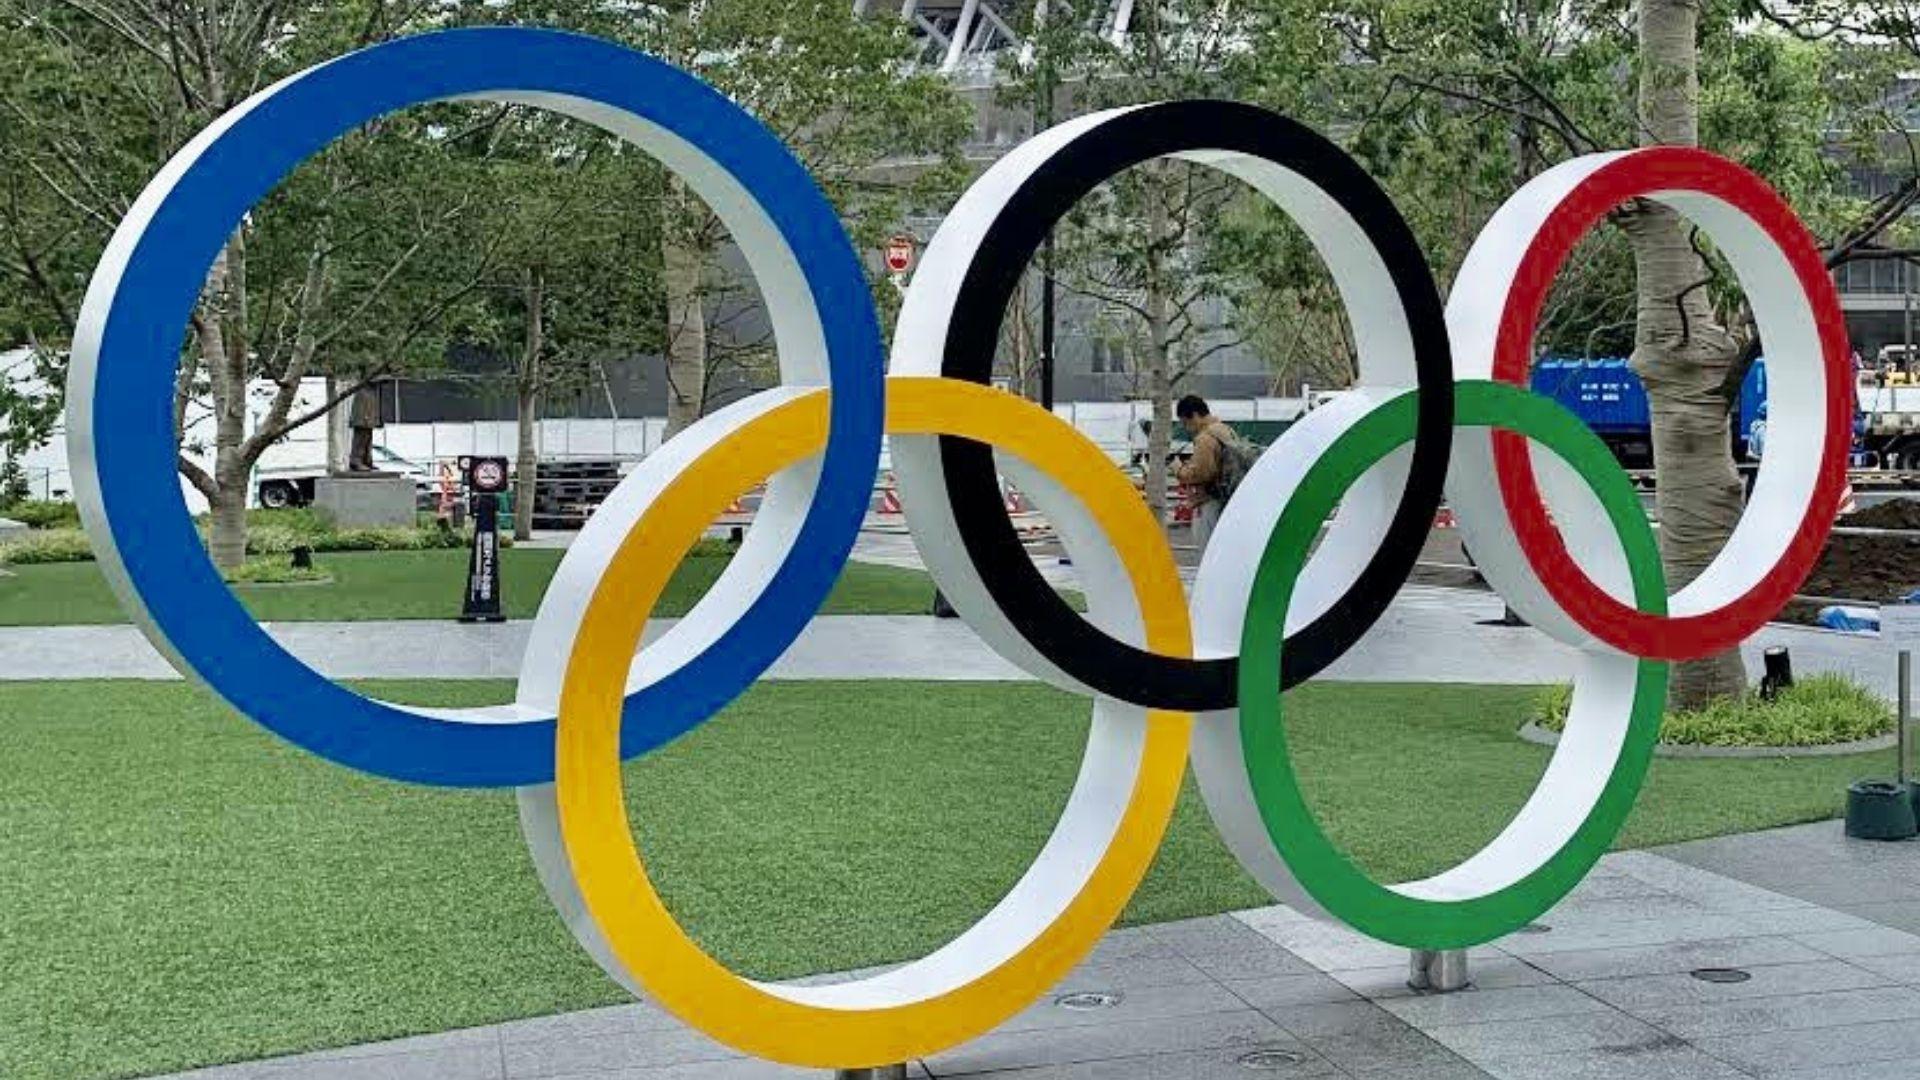 Anéis ou aros ou arcos olímpicos são Símbolo das Olimpíadas (Foto: Gabriel Fricke)